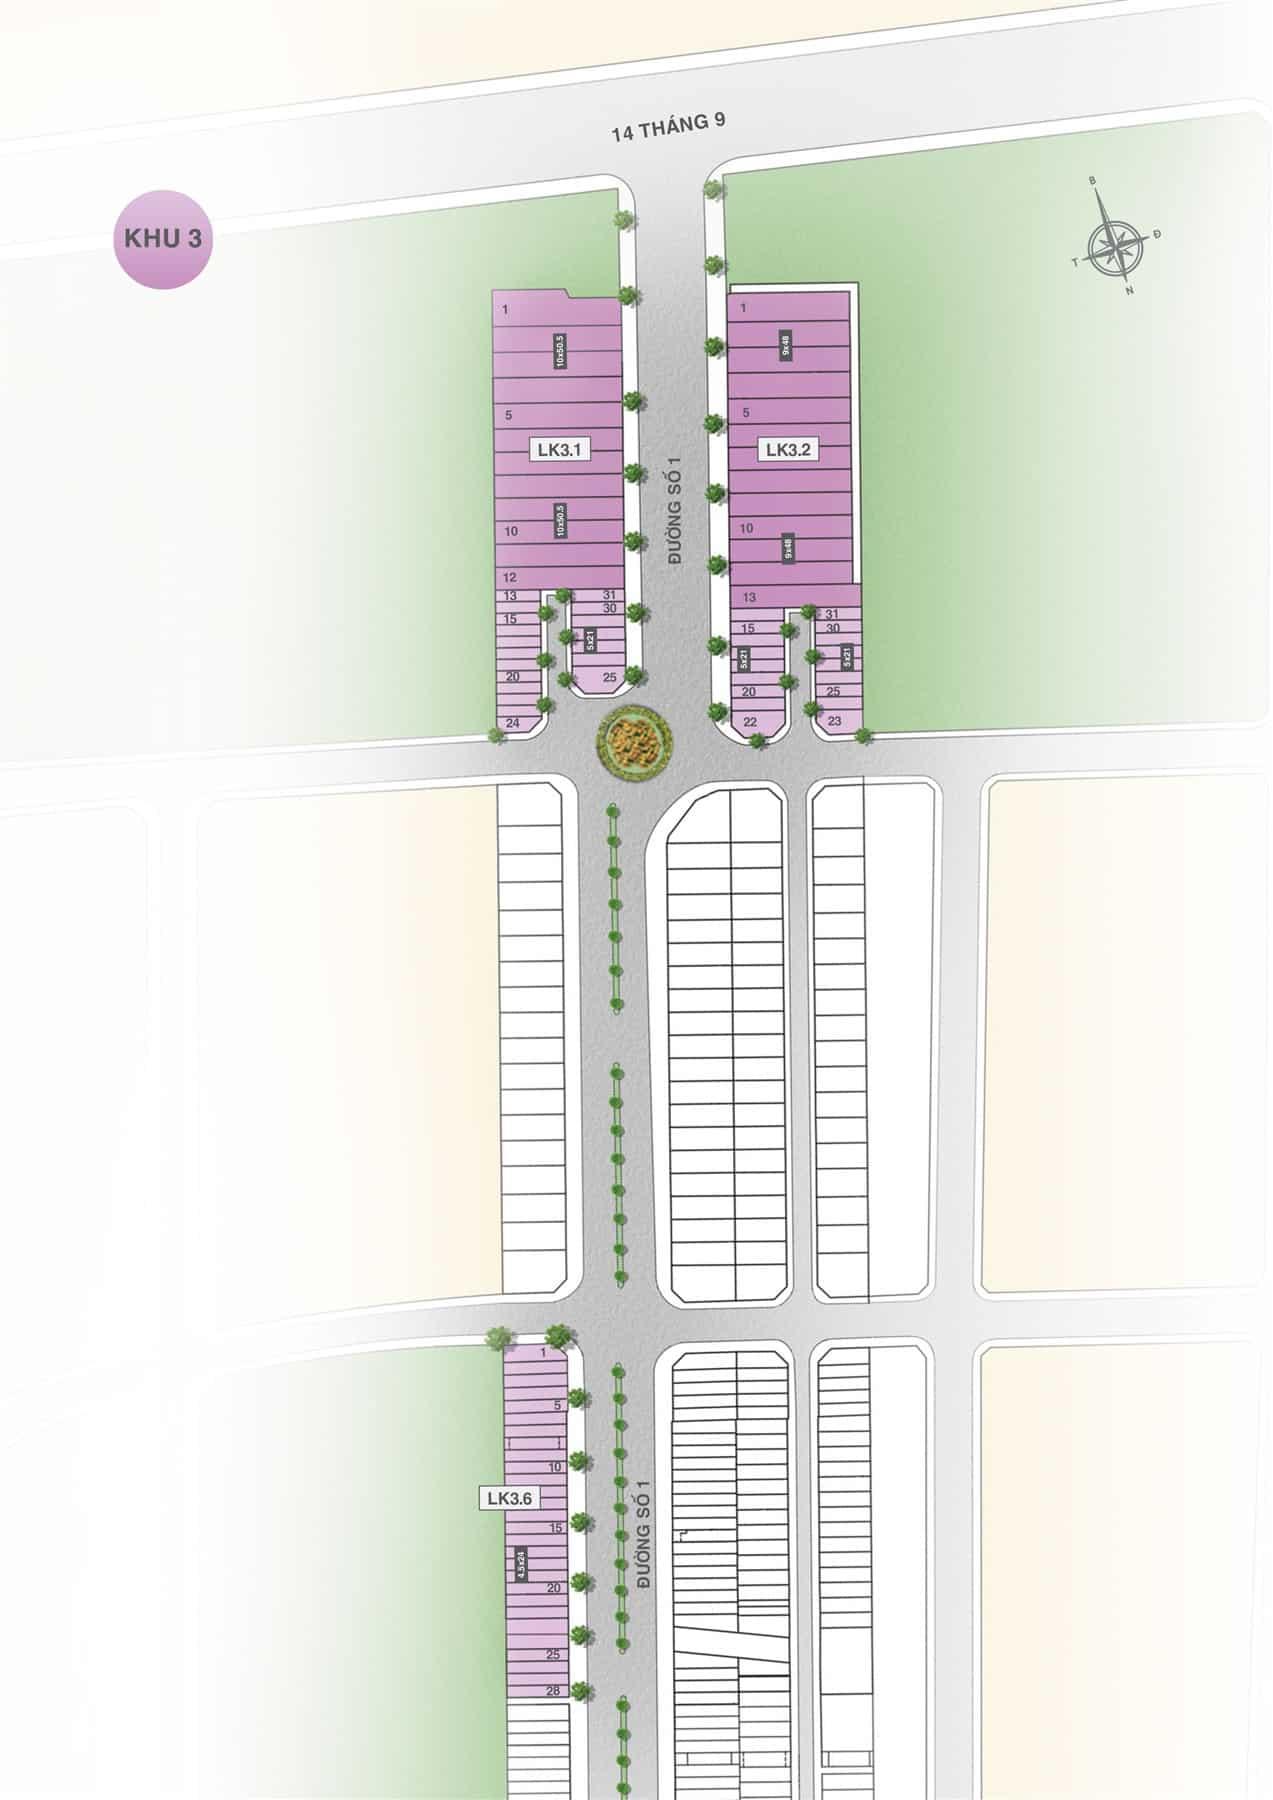 Mặt bằng dự án Hưng Thịnh Vĩnh Long khu 3